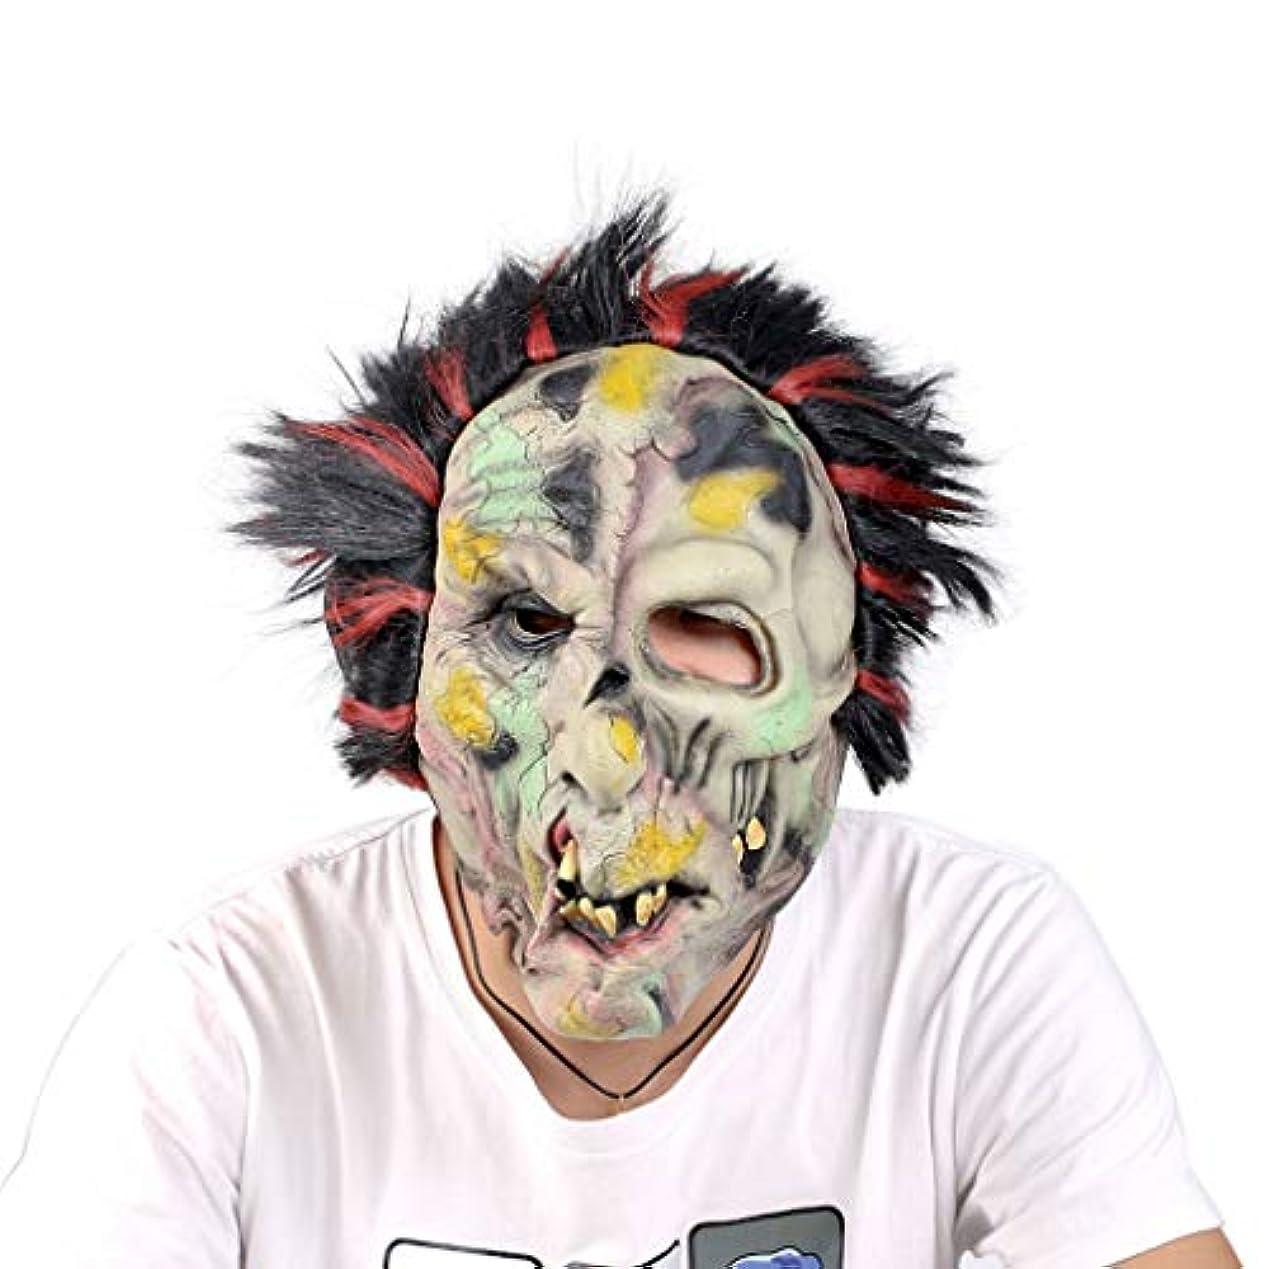 葉巻植物学者評価可能ハロウィンホラーマスクお化け屋敷秘密の部屋アレンジメントパーティー映画撮影ホラー全体の人々トリッキーな怖いマスク